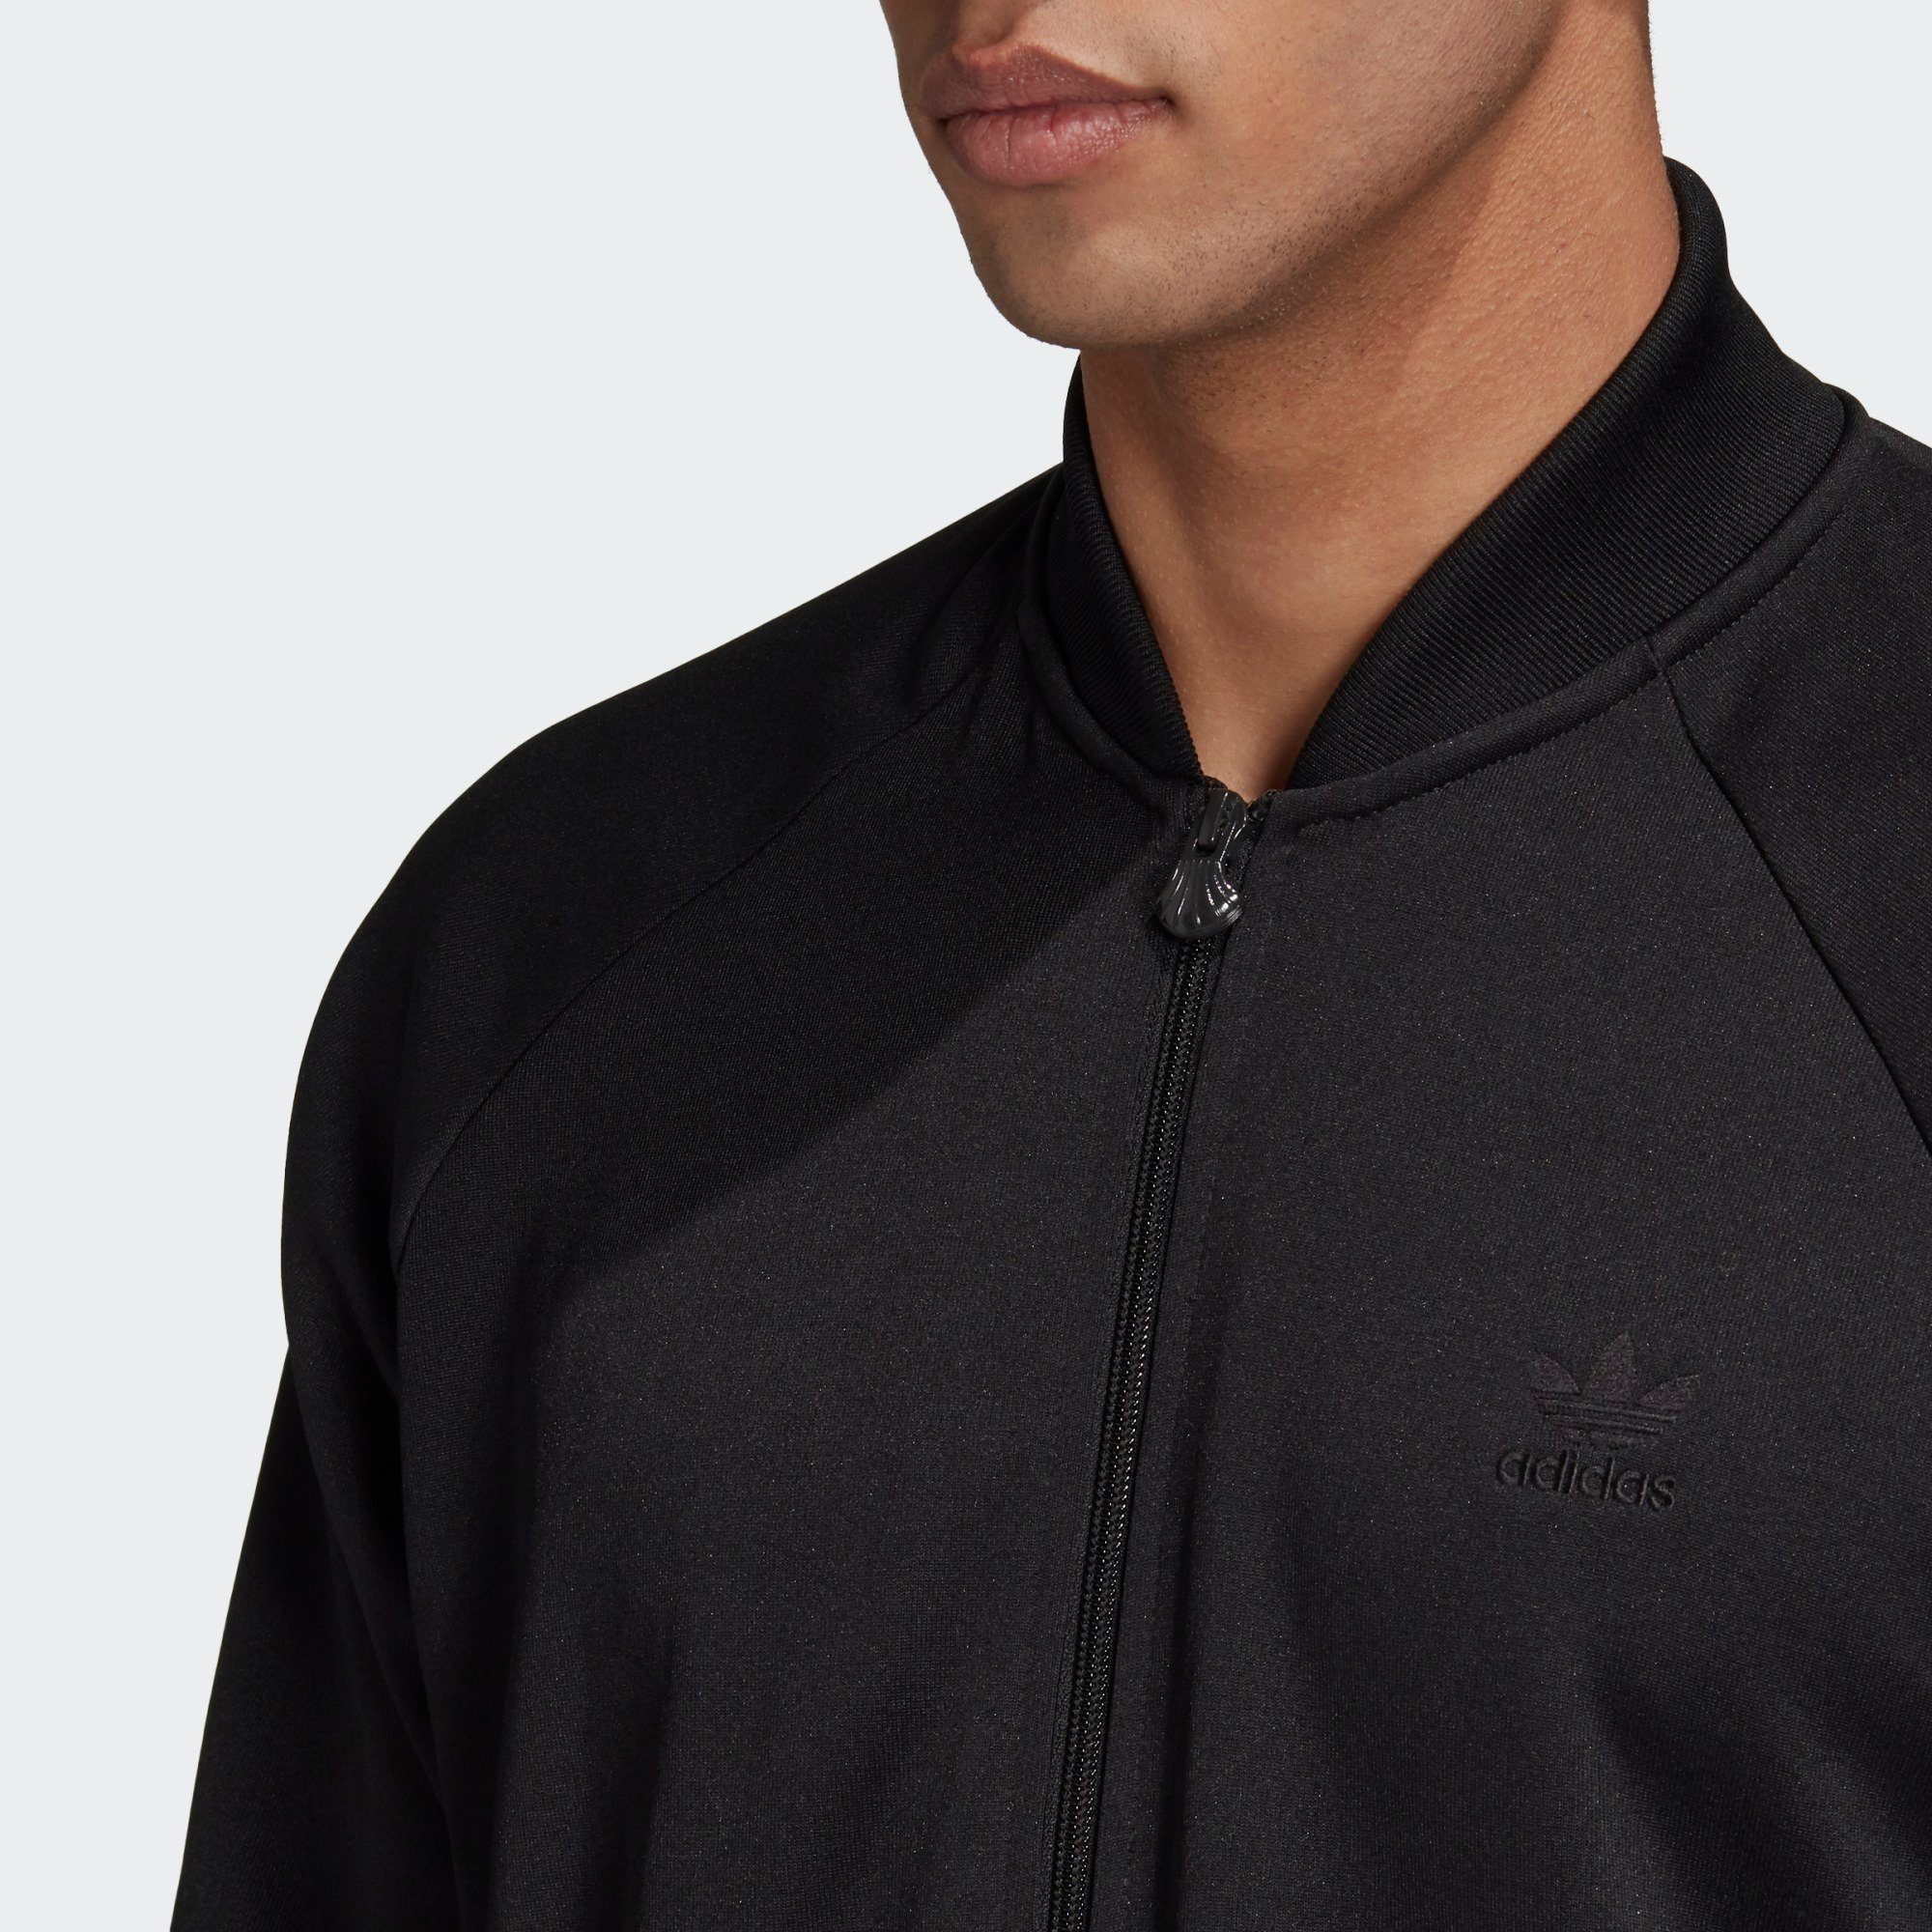 adidas Originals Sweatjacke Warm-Up Originals Jacke online kaufen nlRqWx